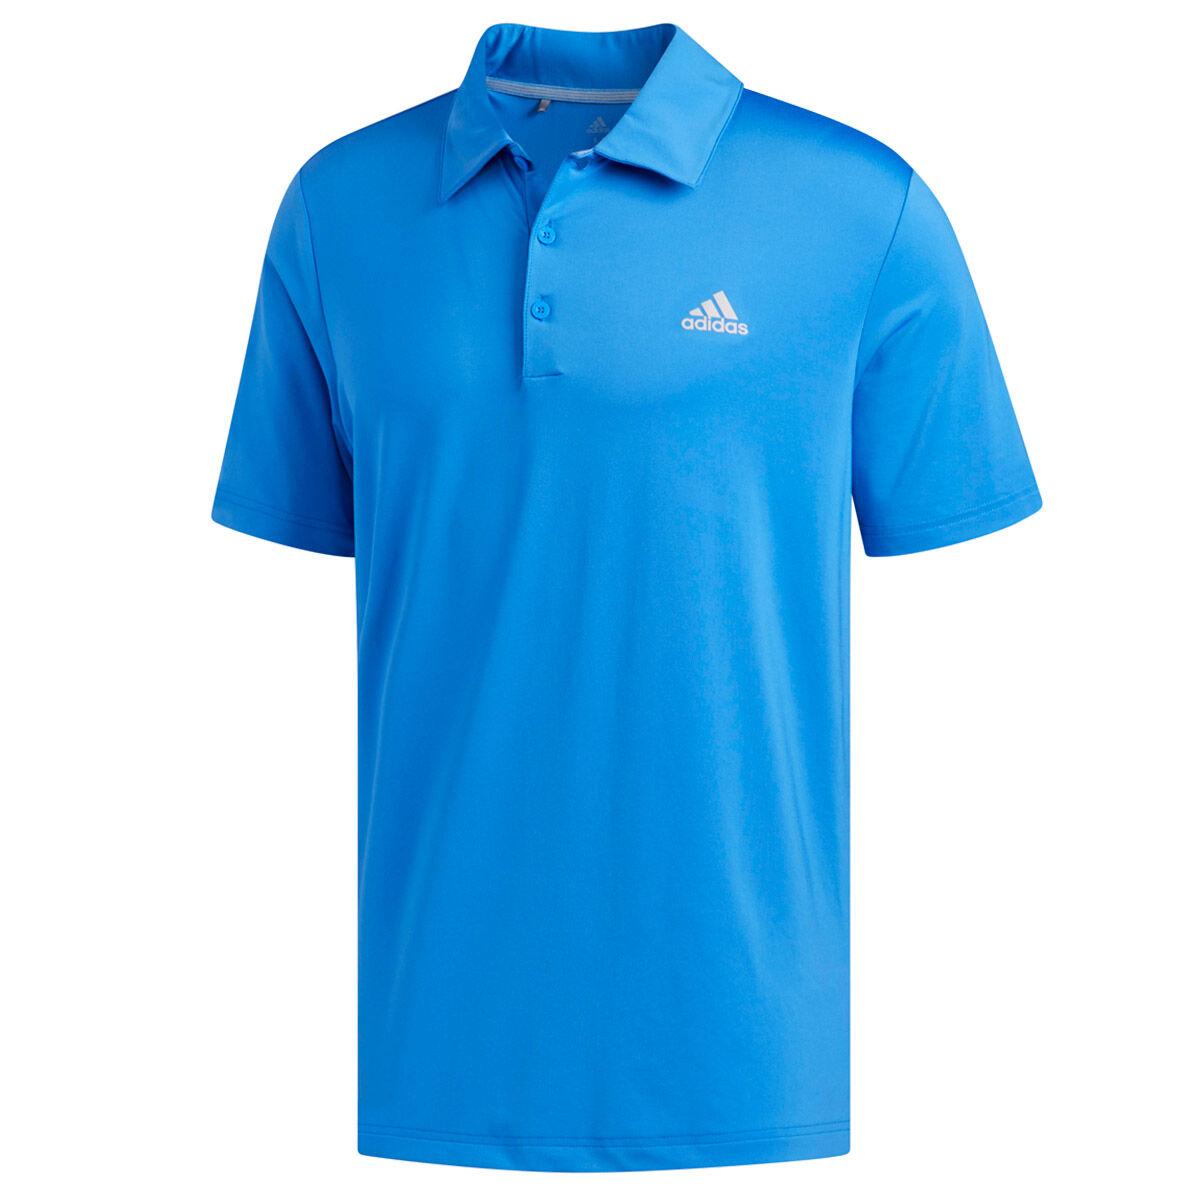 adidas Golf Ultimate 365 Solid Poloshirt